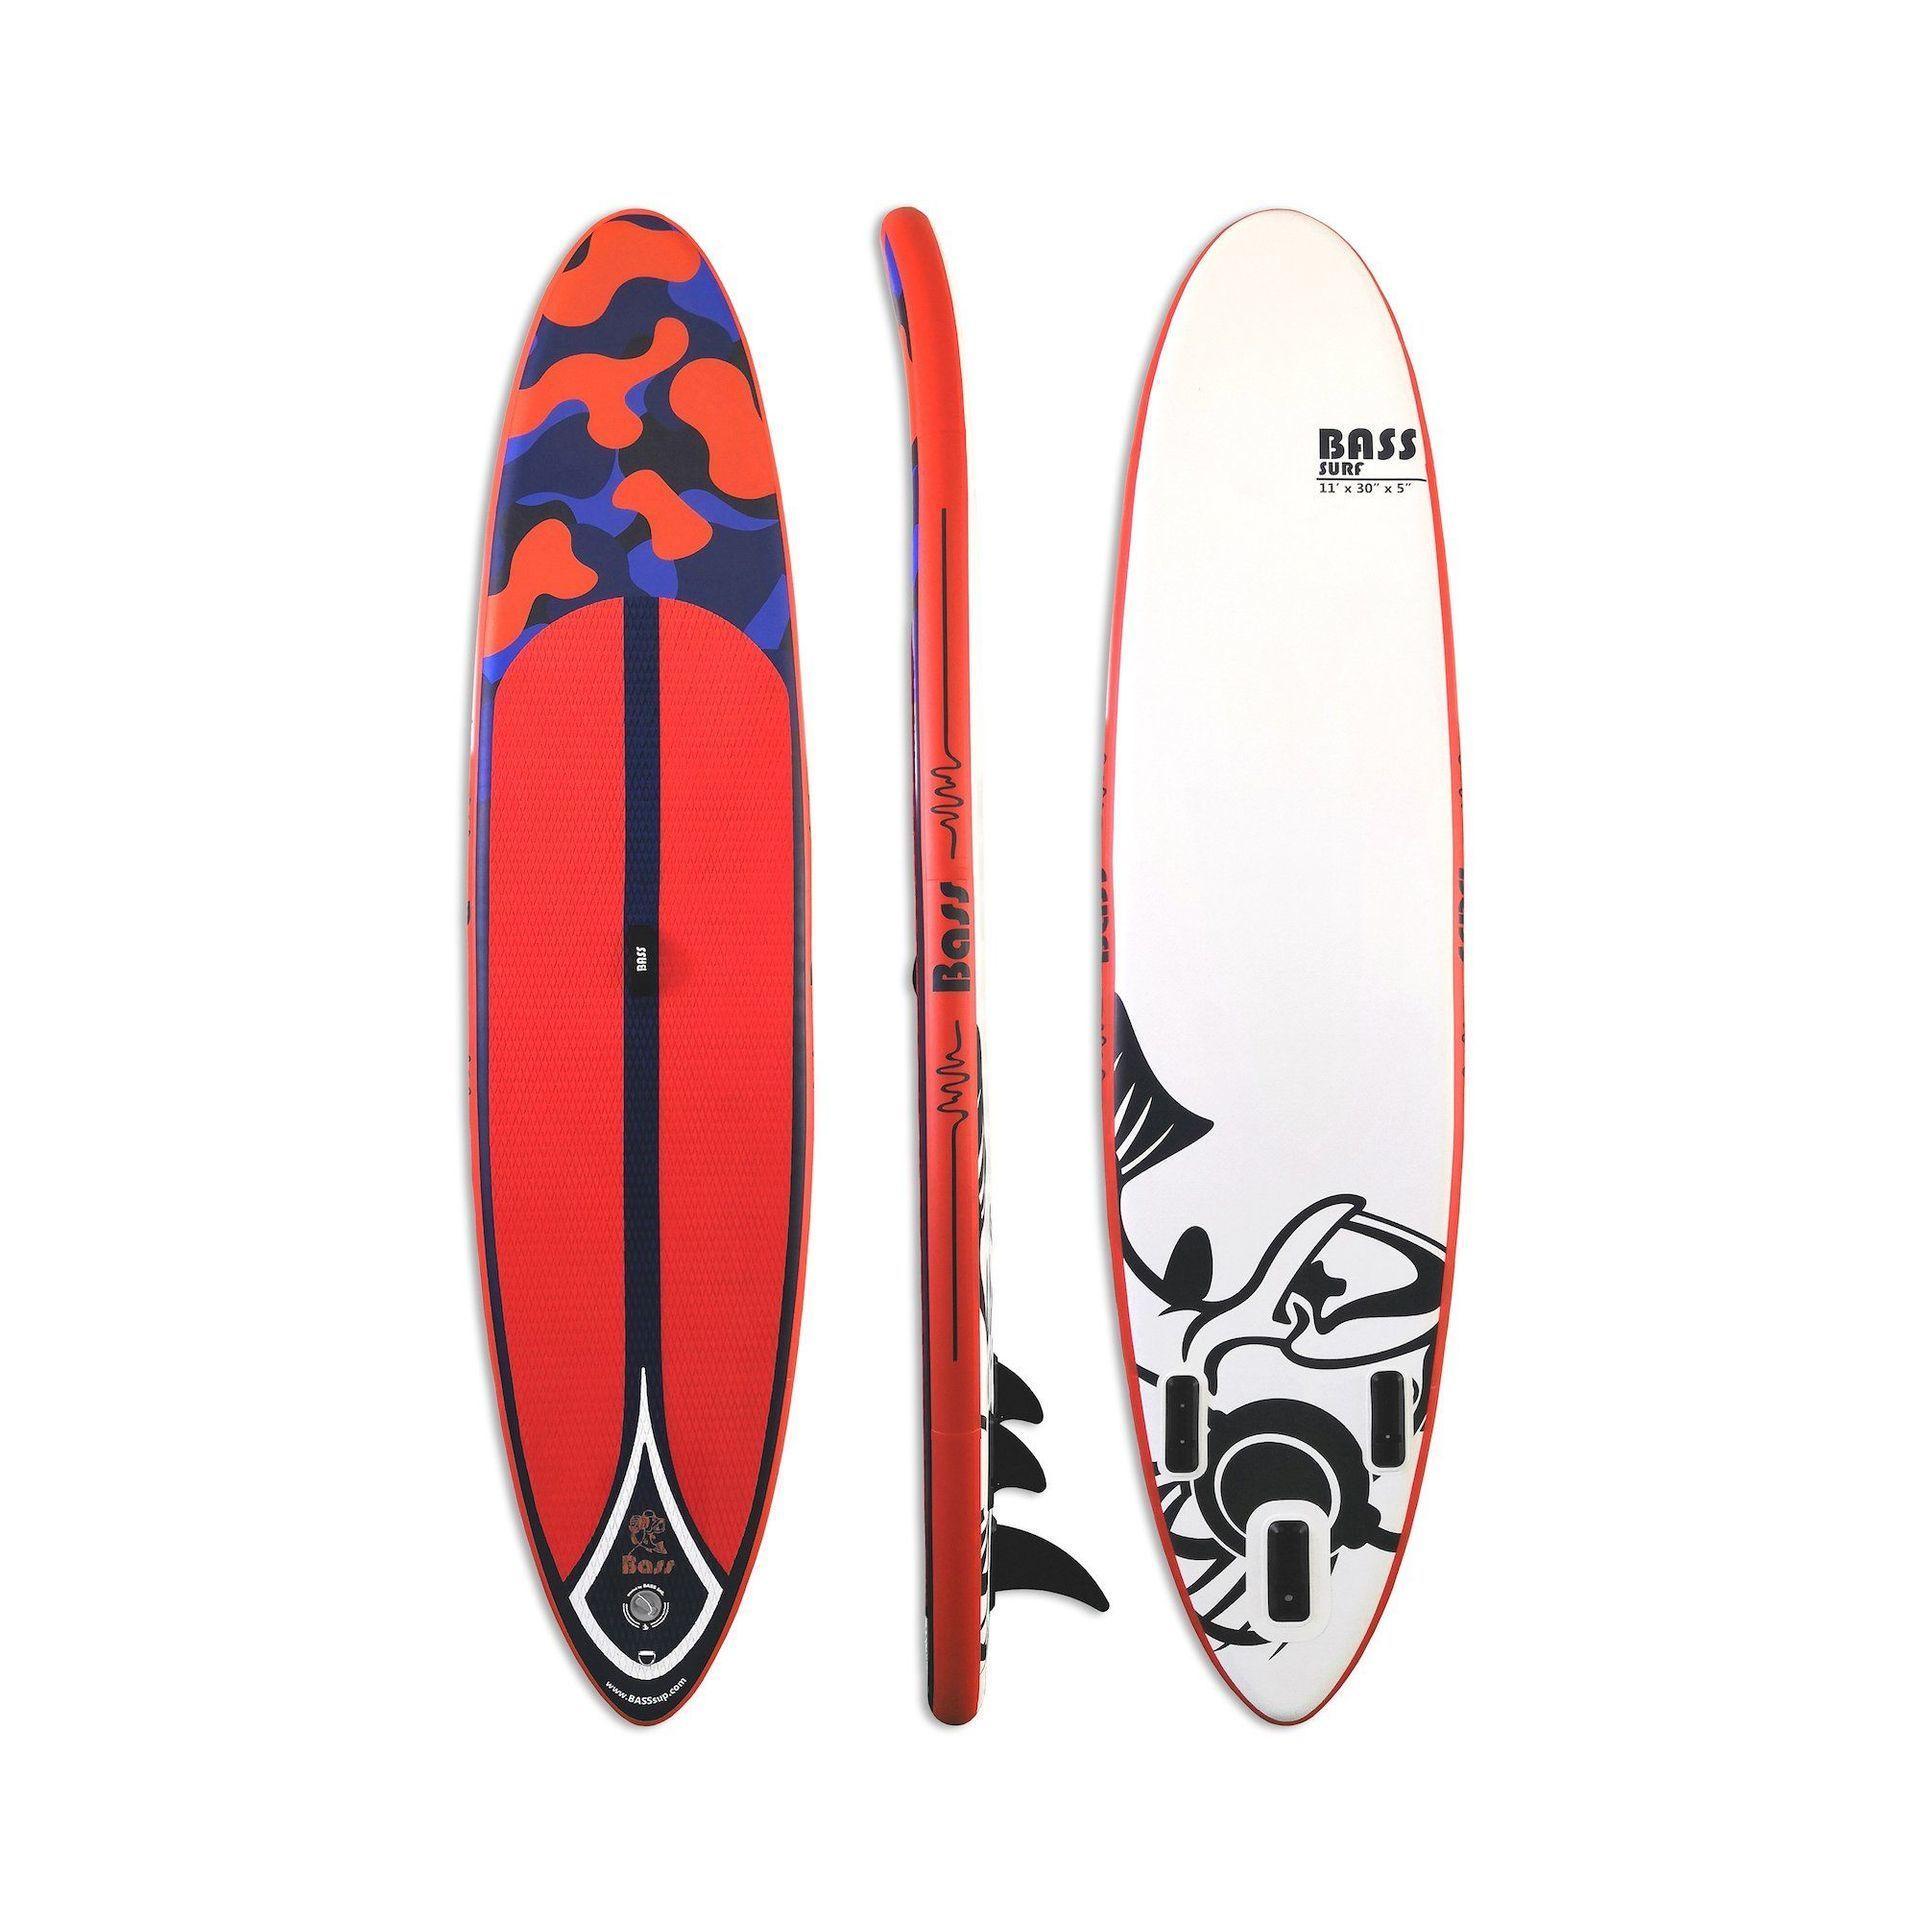 DESKA SUP BASS SURF 11' 1